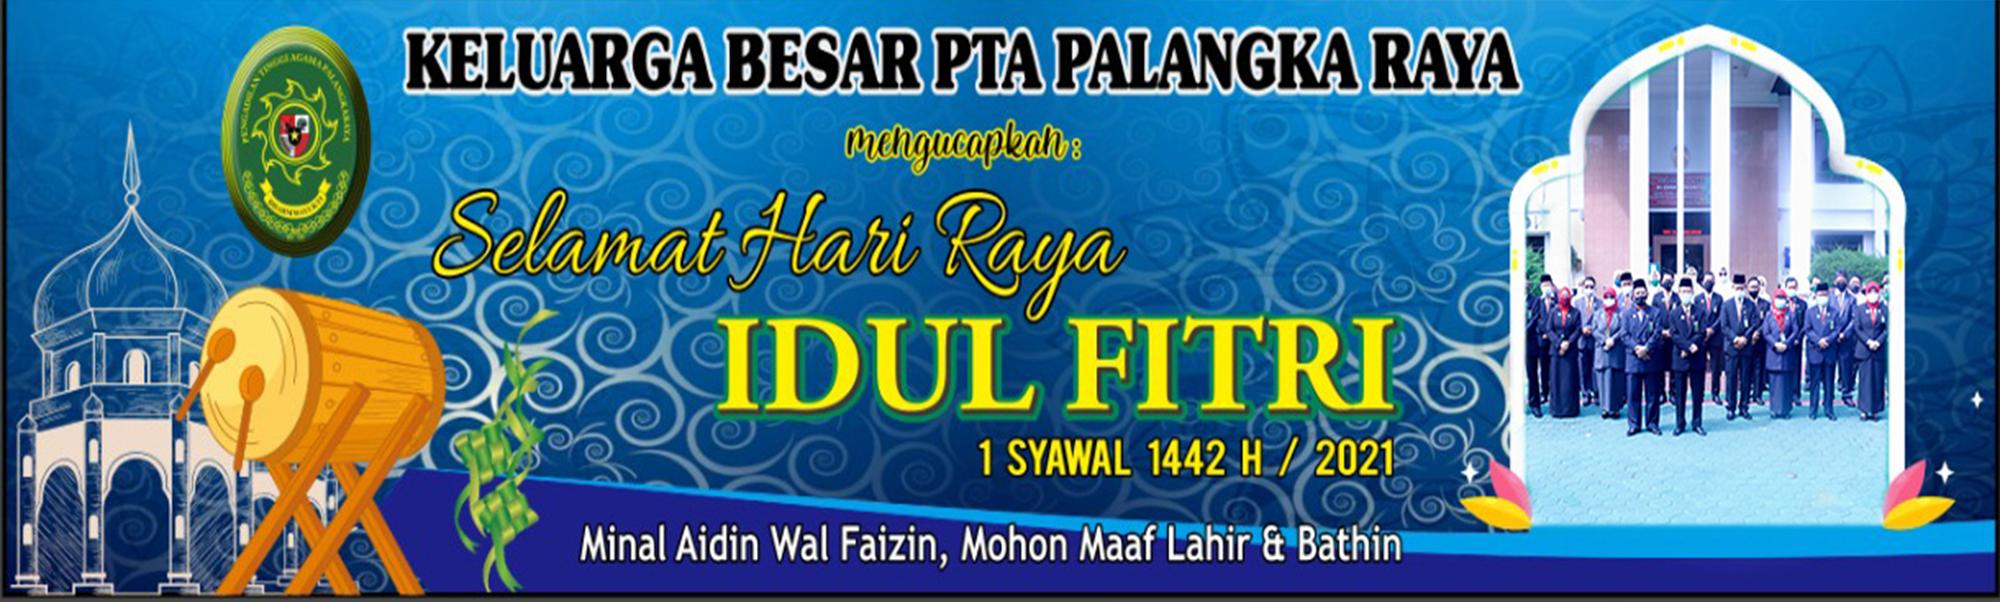 SELAMAT IDUL FITRI 1 SYAWAL 1442 H